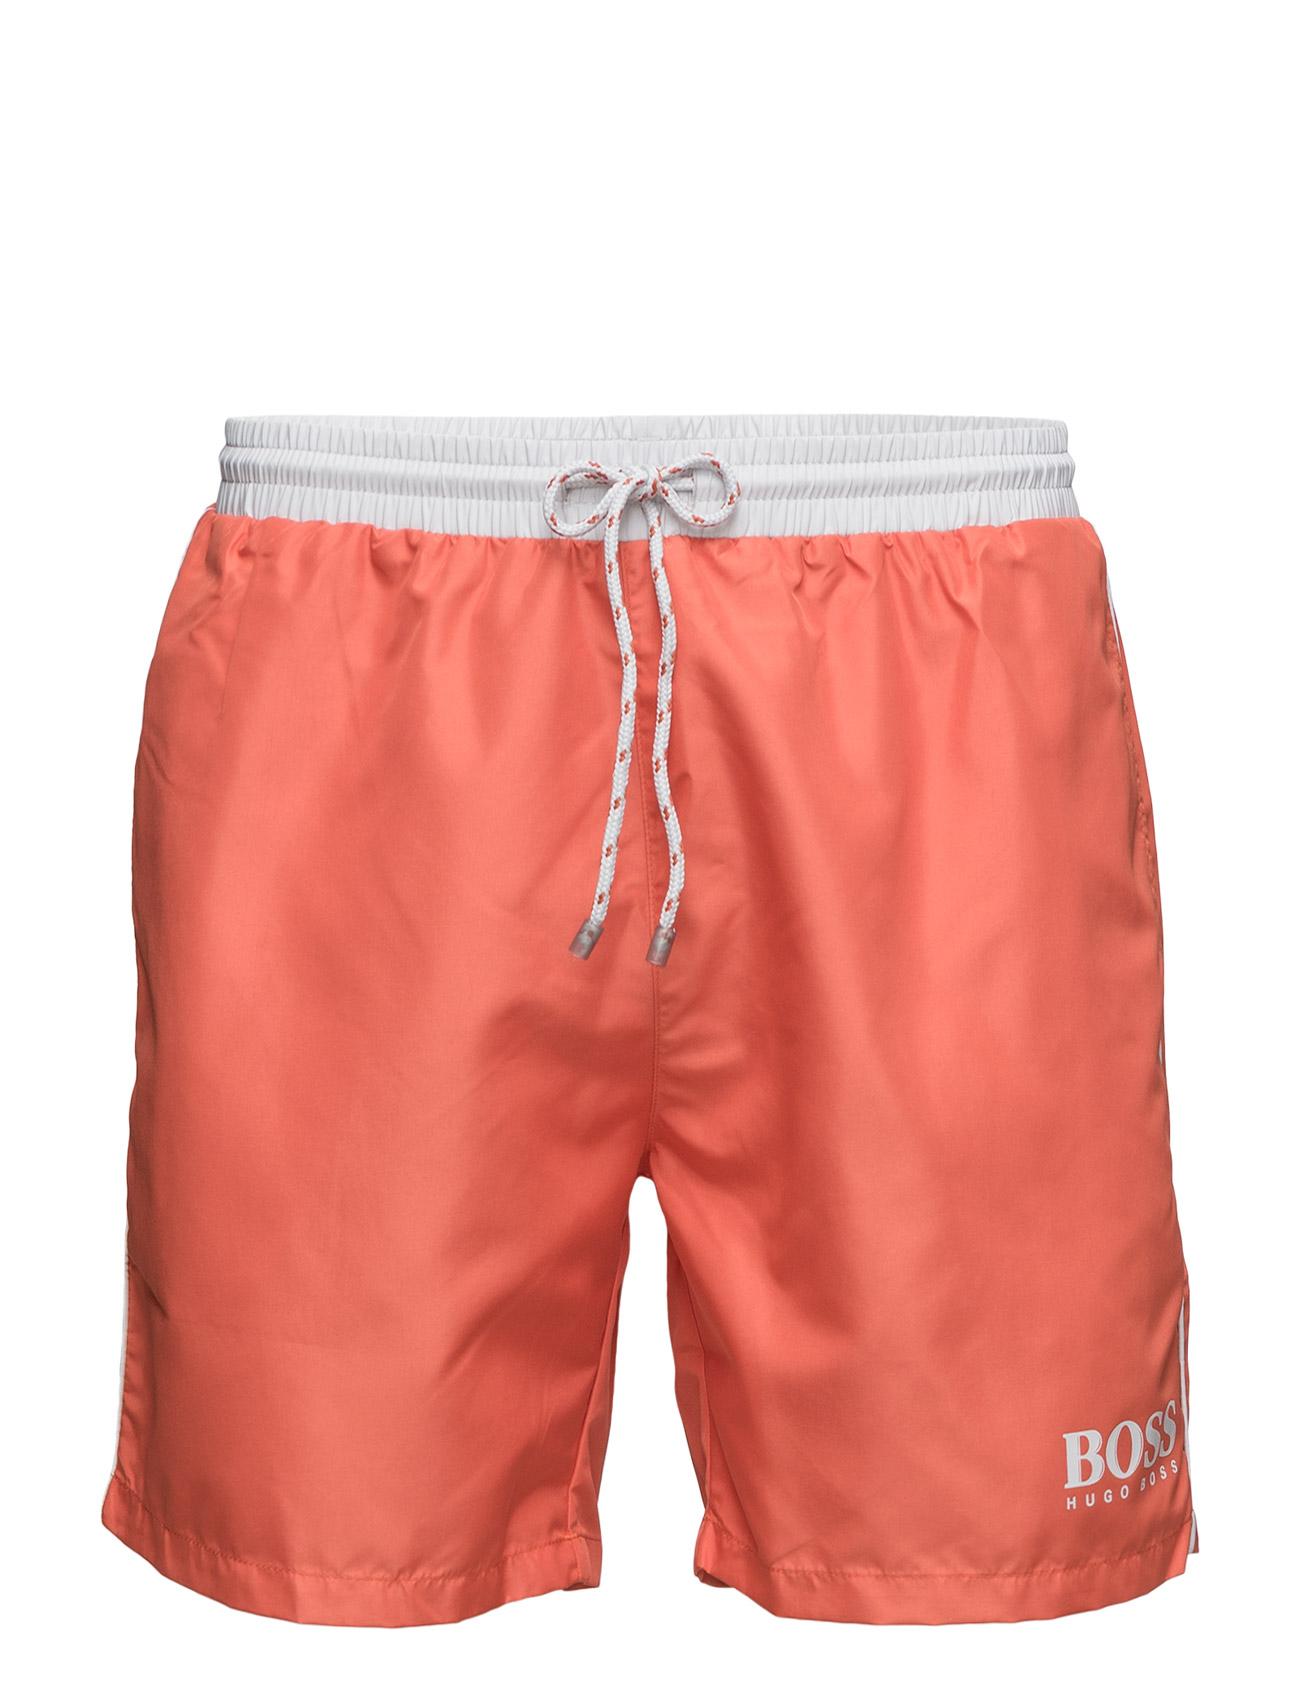 Starfish BOSS Shorts til Herrer i Medium Orange